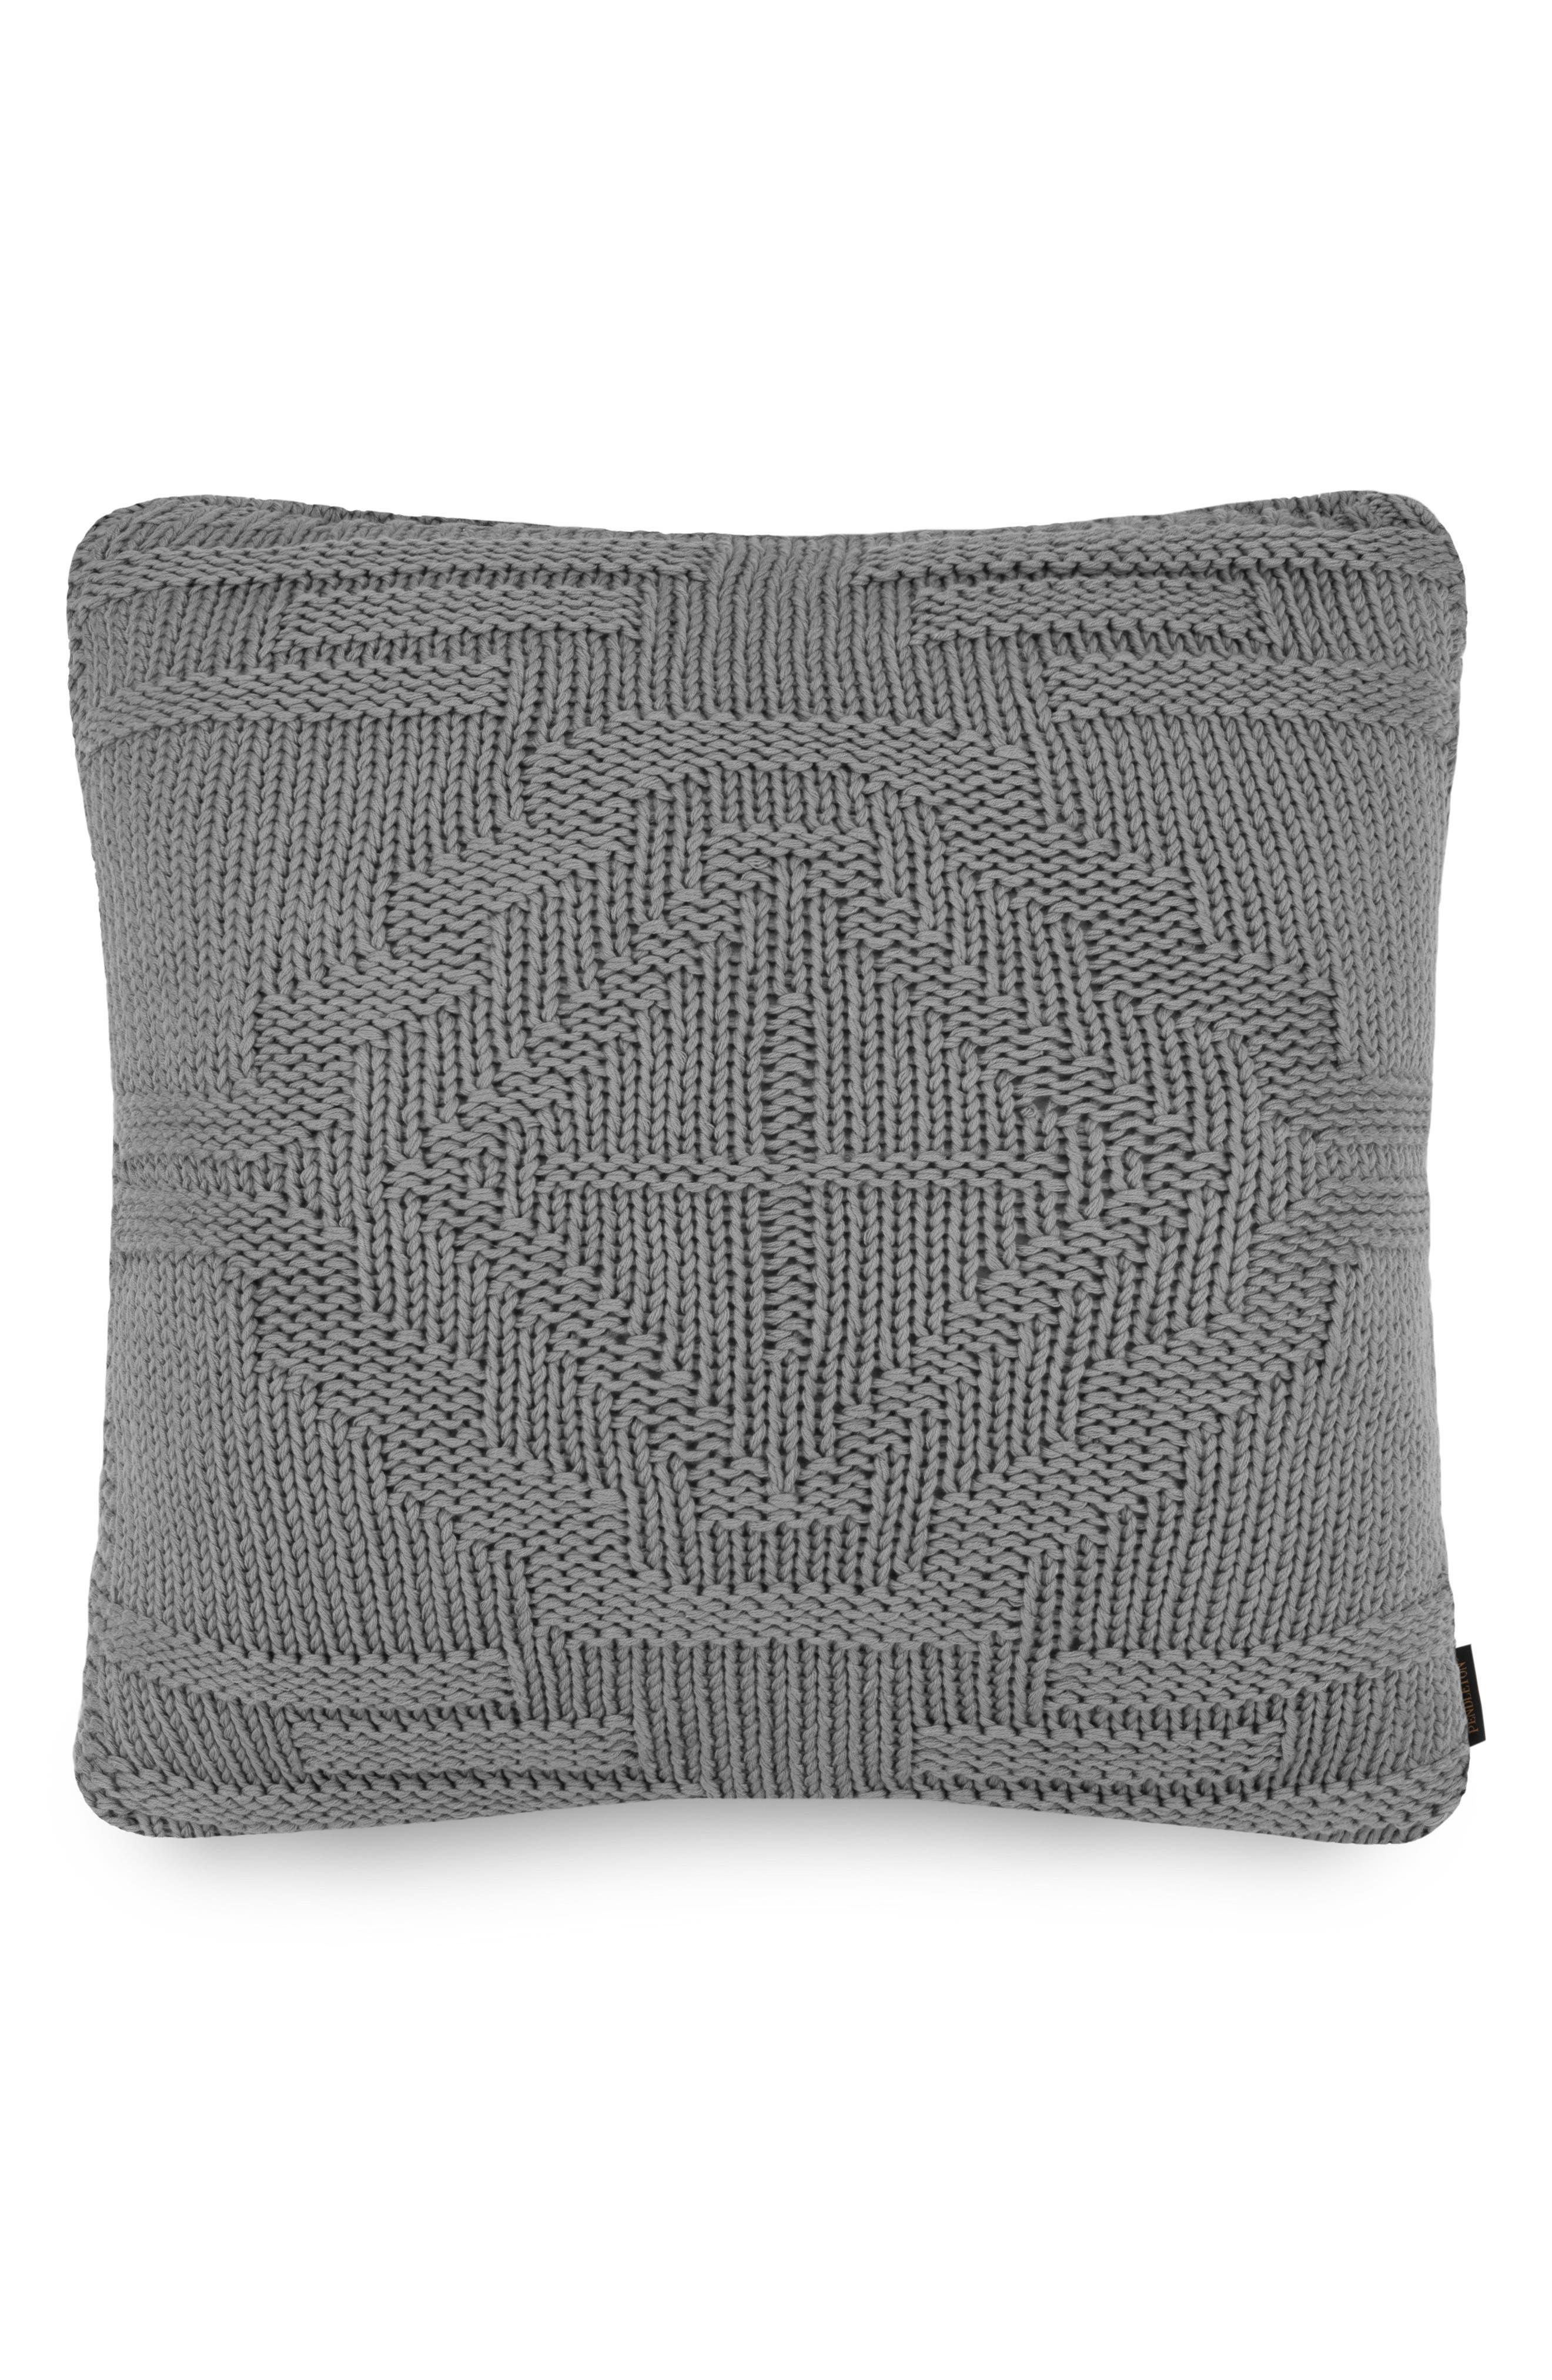 Santa Clara Pillow,                             Main thumbnail 1, color,                             020